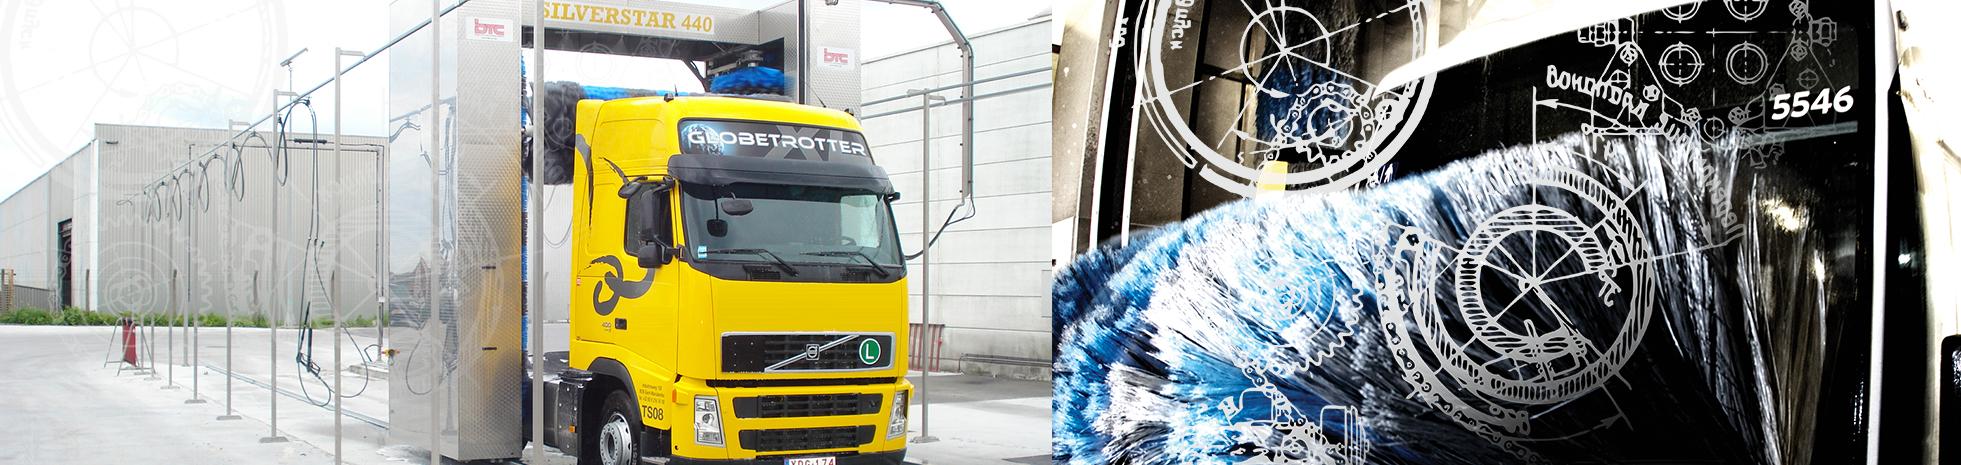 Le meilleur matériel de lavage de voitures, de camions, de trains, de trams et de bus sur le marché.